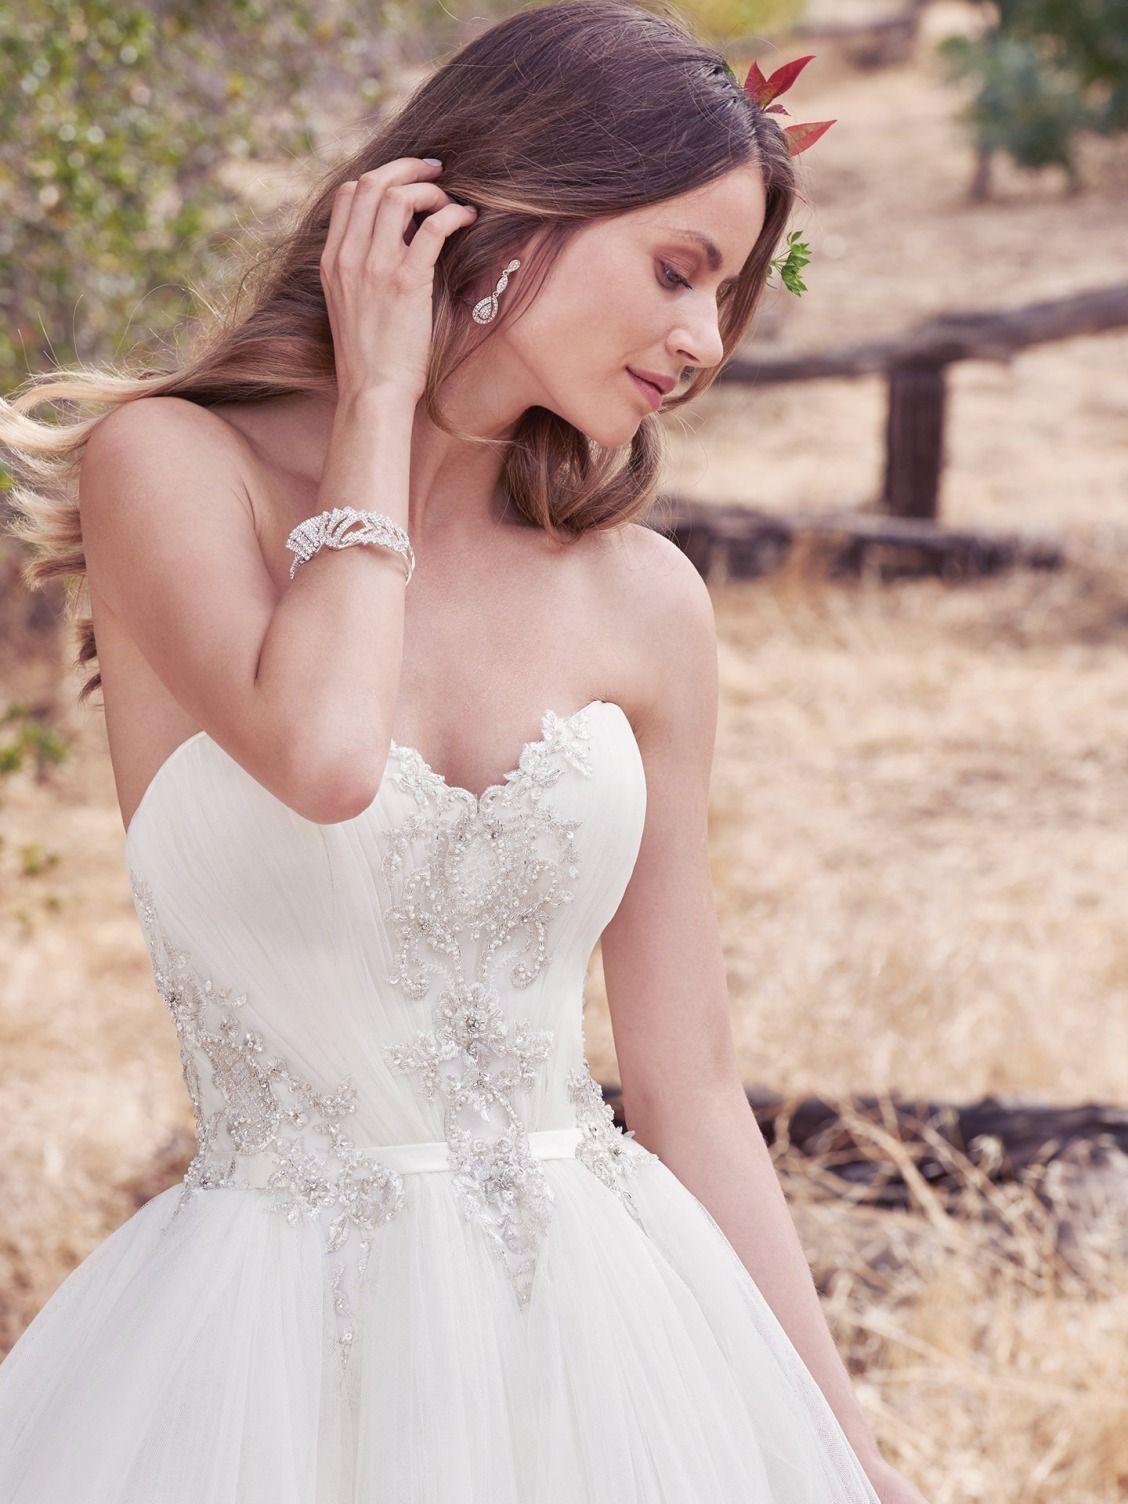 Maggie Sottero Wedding Dresses | Ballgown wedding dress, Maggie ...